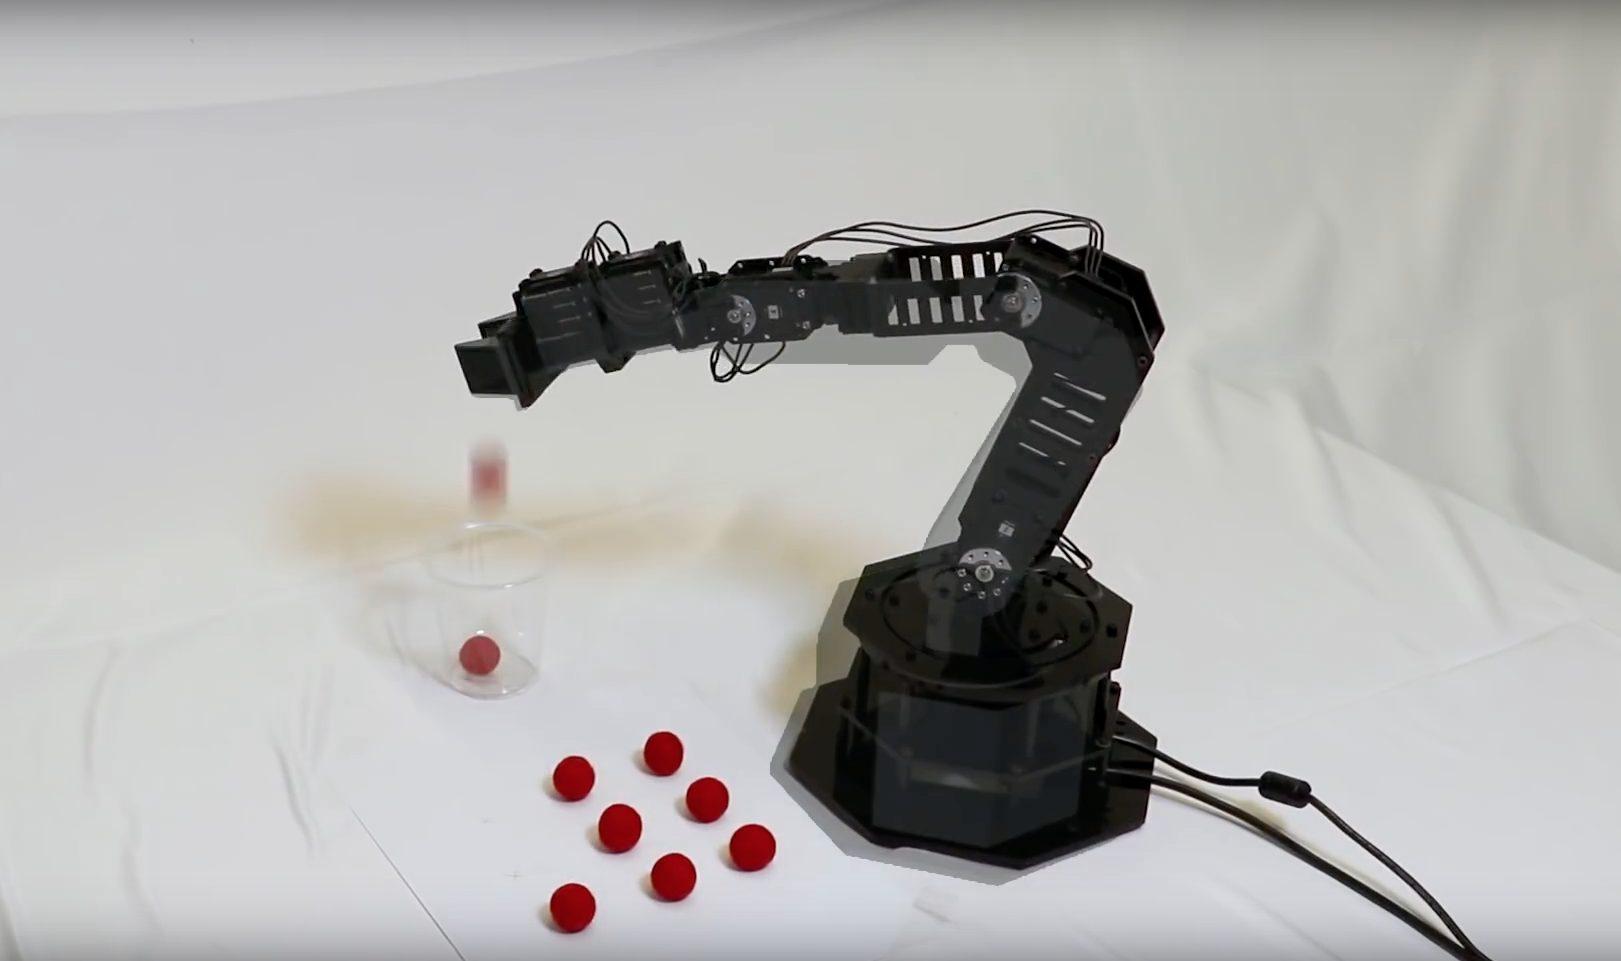 Roboter hebt rotes Bällchen hoch